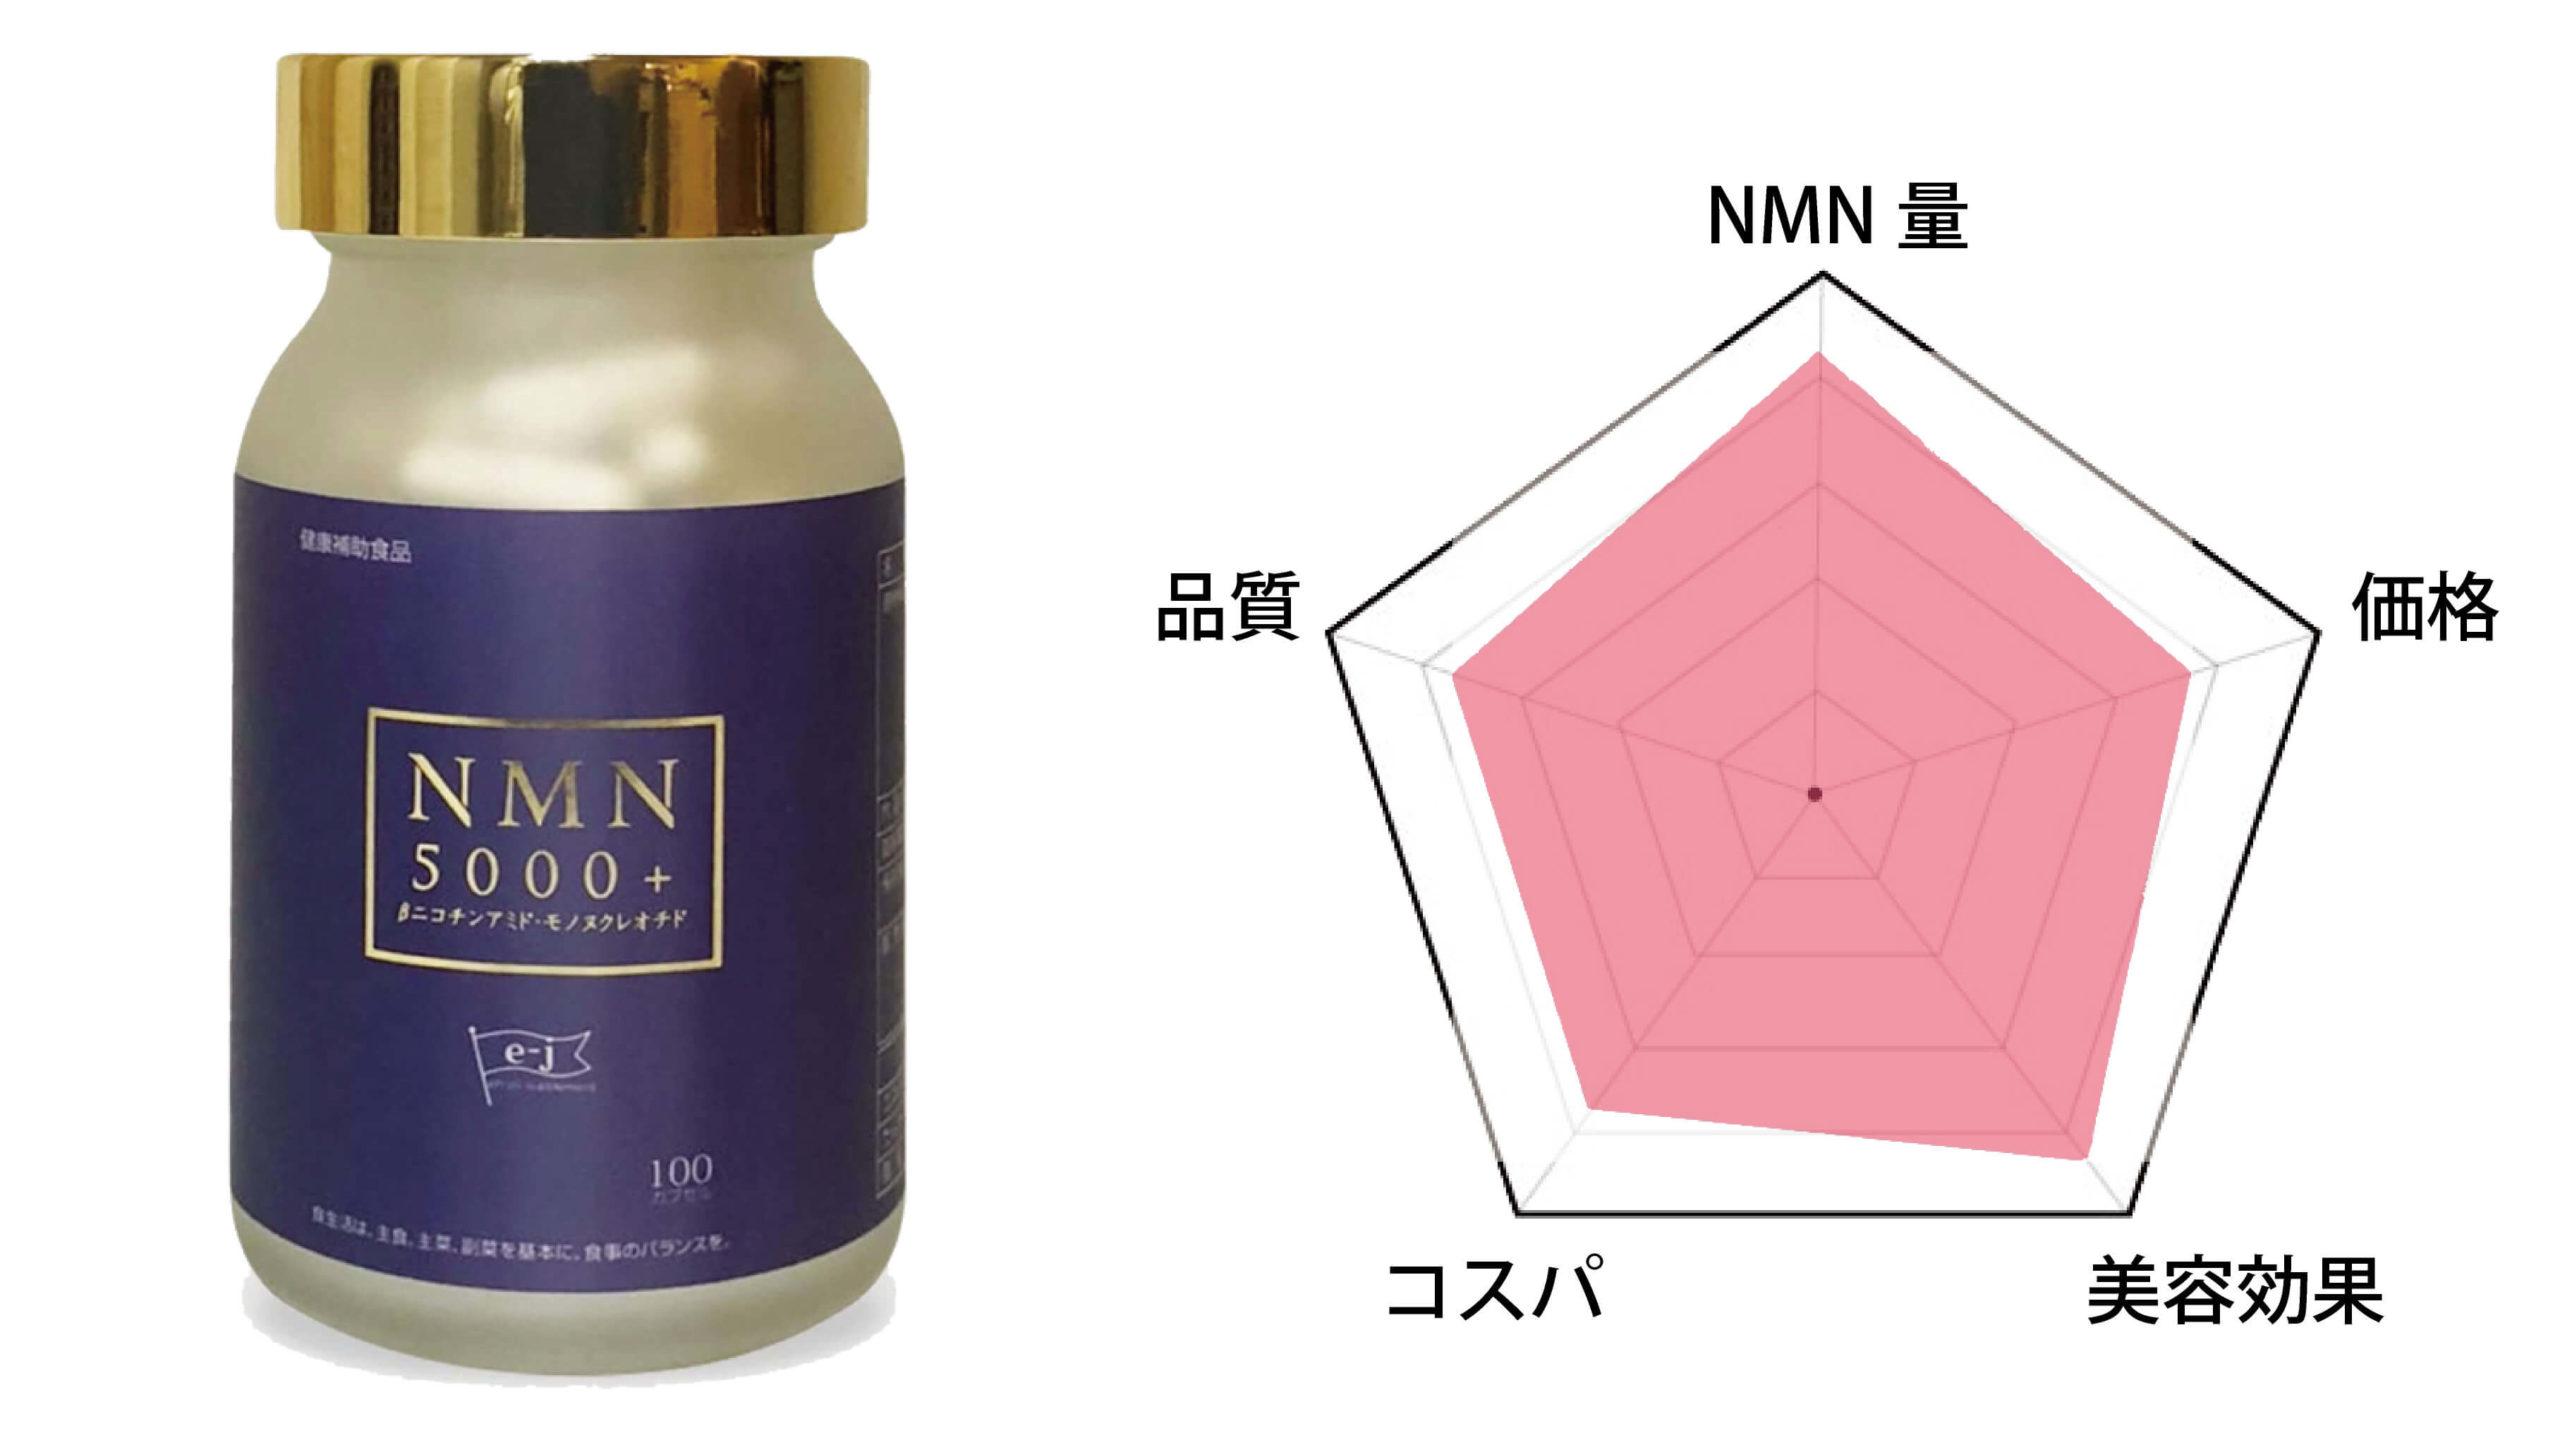 第2位「NMN5000+」